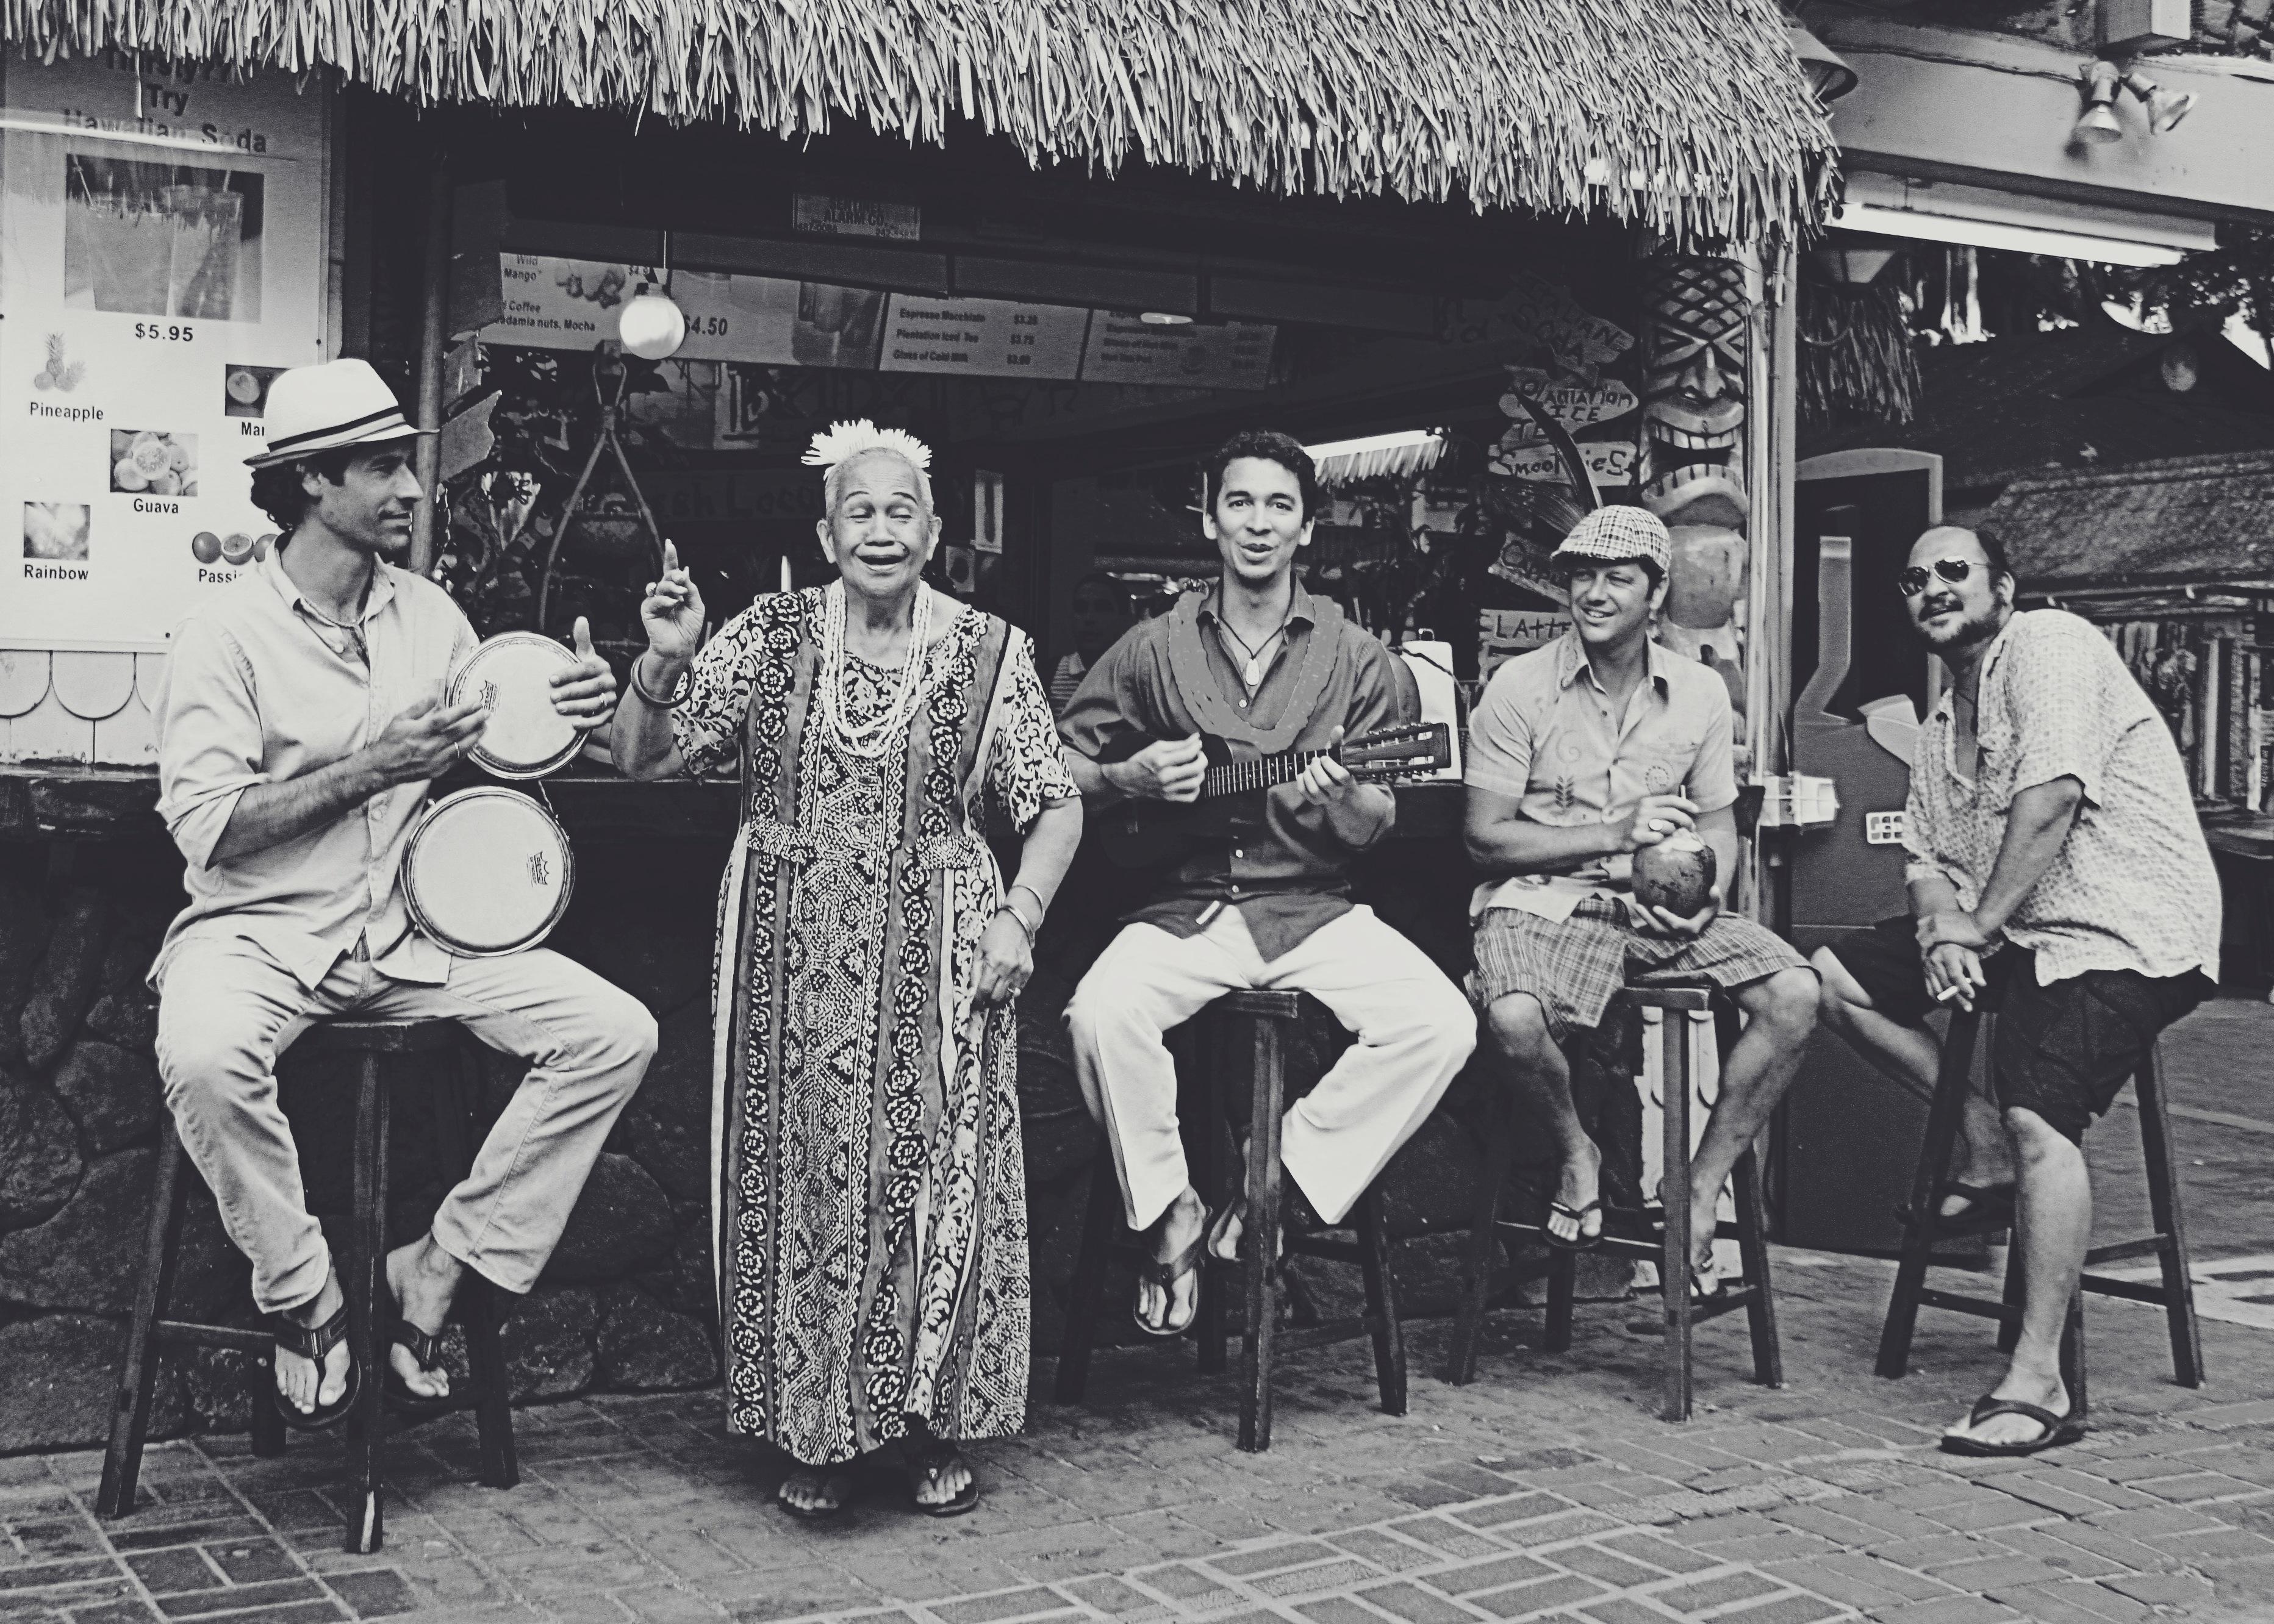 Return To Waikiki – A Luau & Cocktail Show // OG International Marketplace